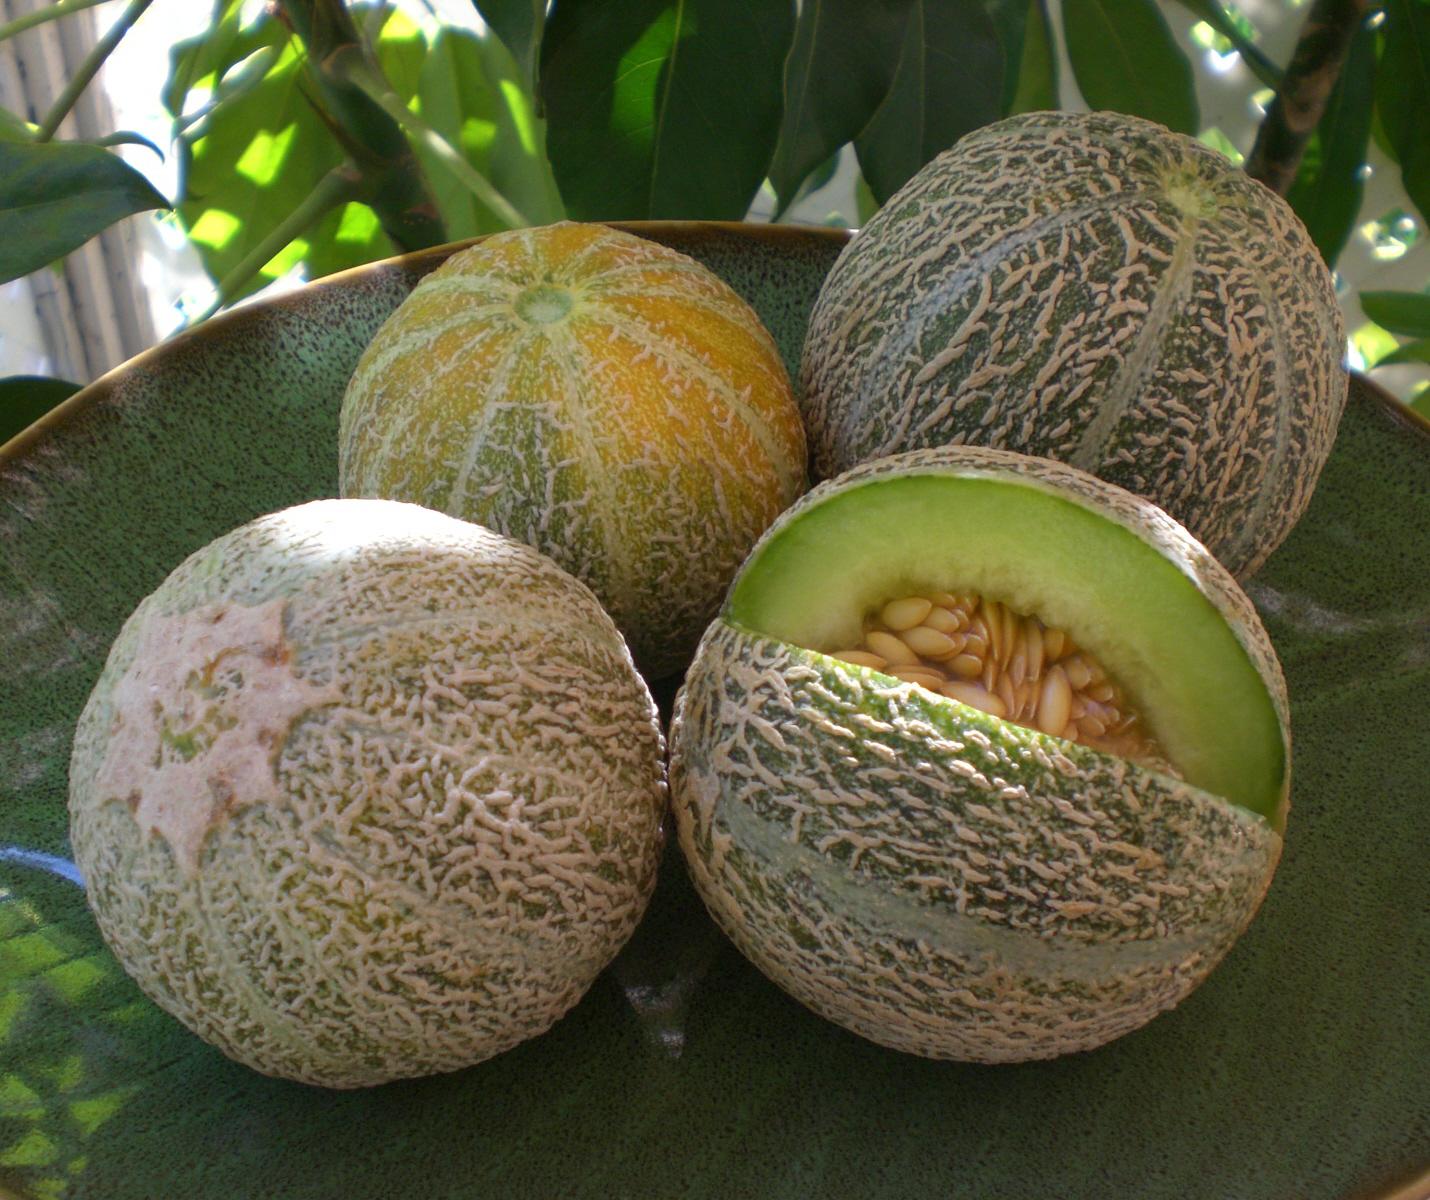 Melon eden s gem semis urbains - Quand cueillir un melon ...